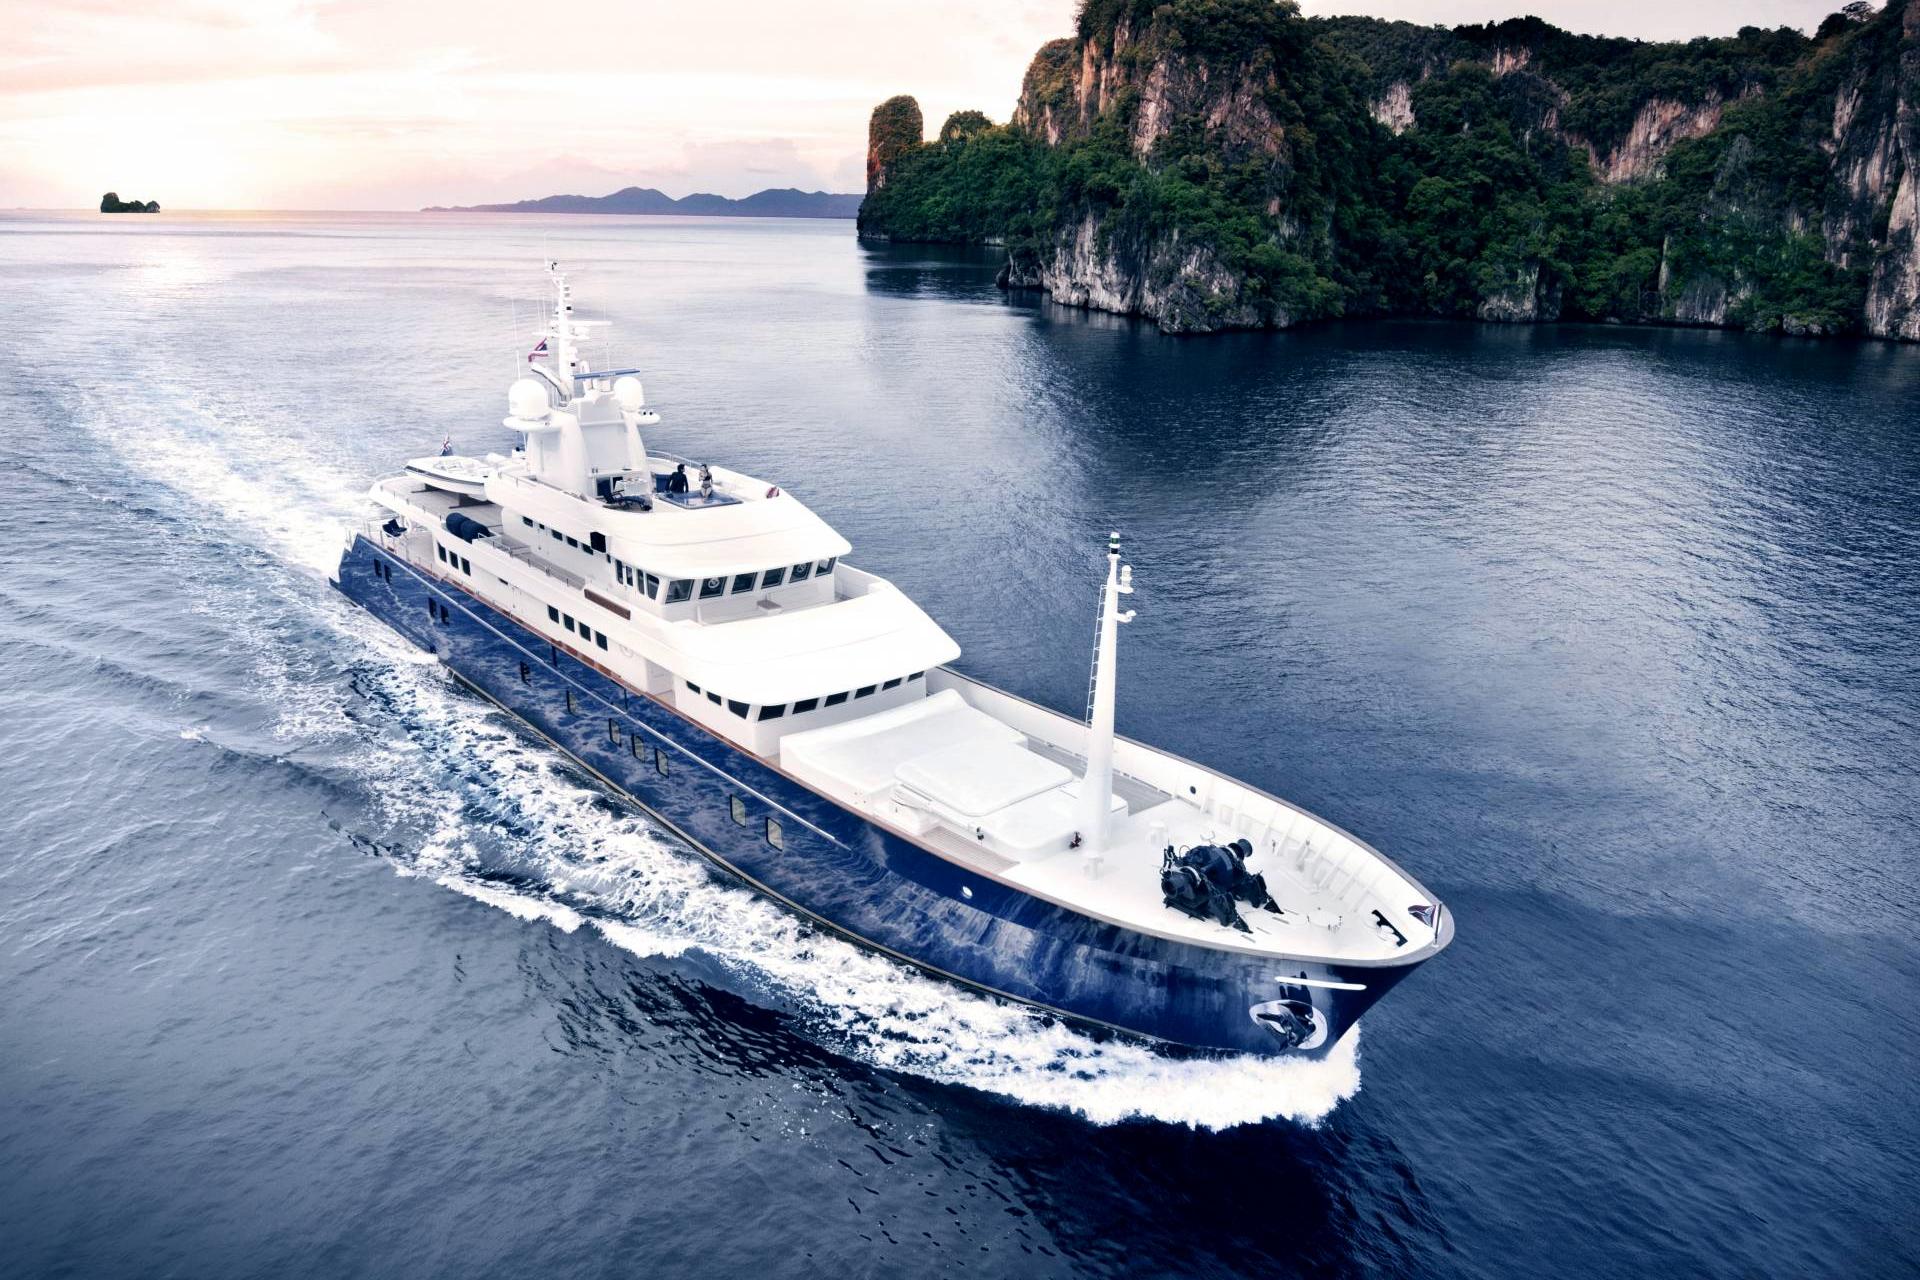 YS_Charter_Voyage_NorthernSun_04